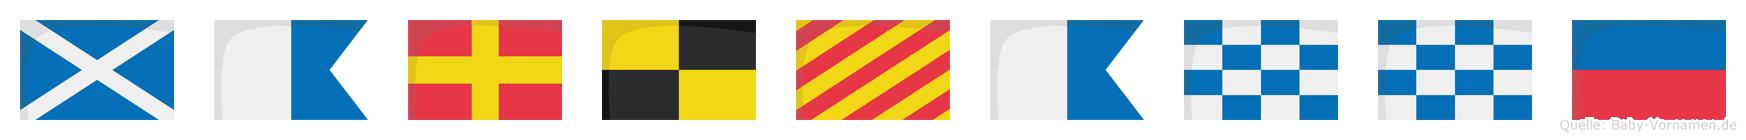 Marlyanne im Flaggenalphabet